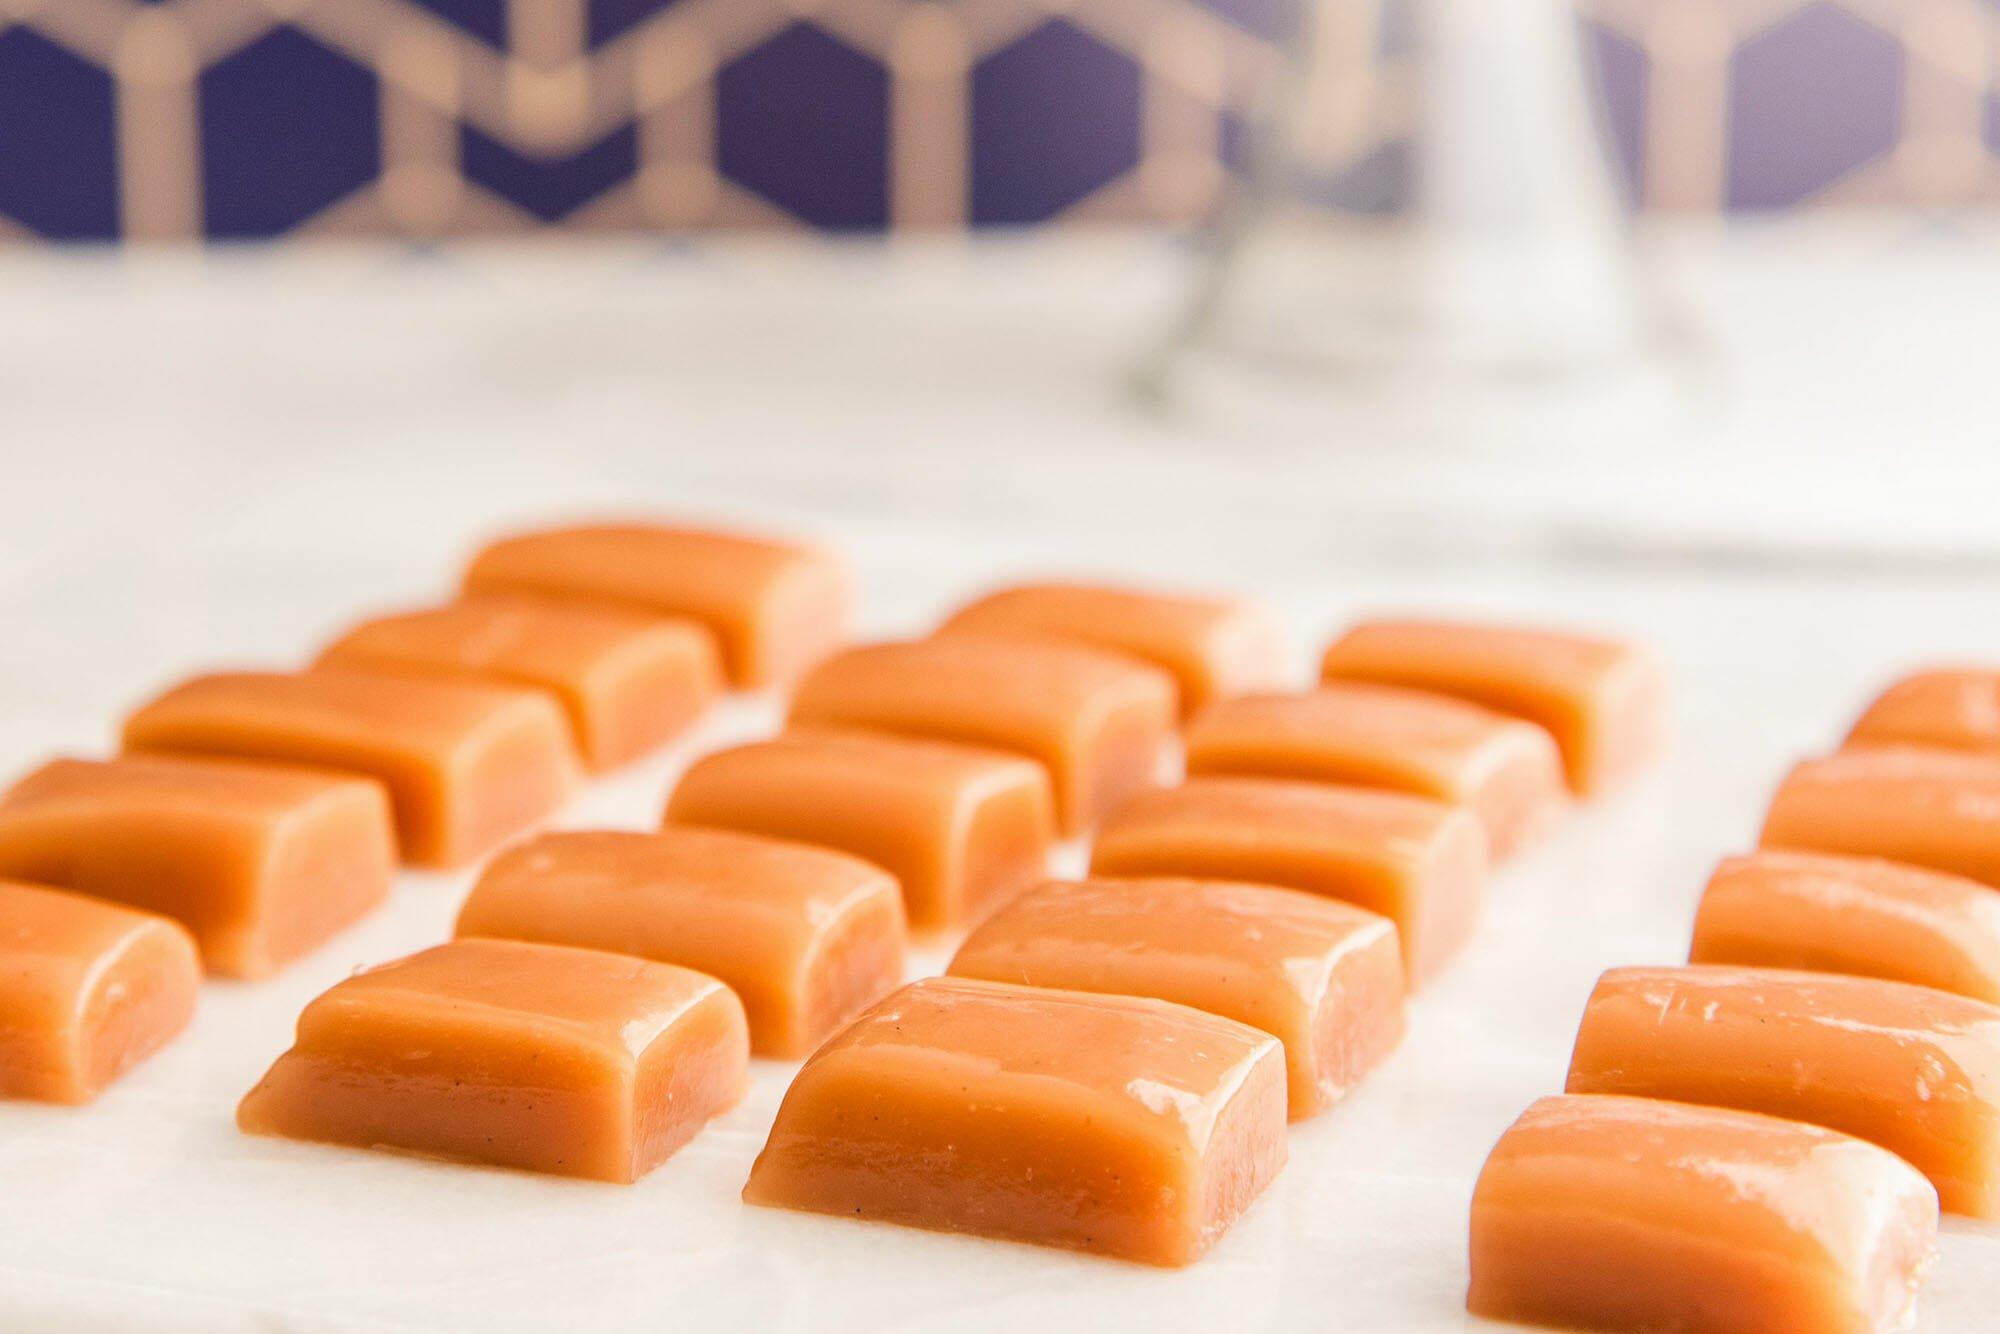 Домашние карамельные конфеты, нарезанные квадратами.